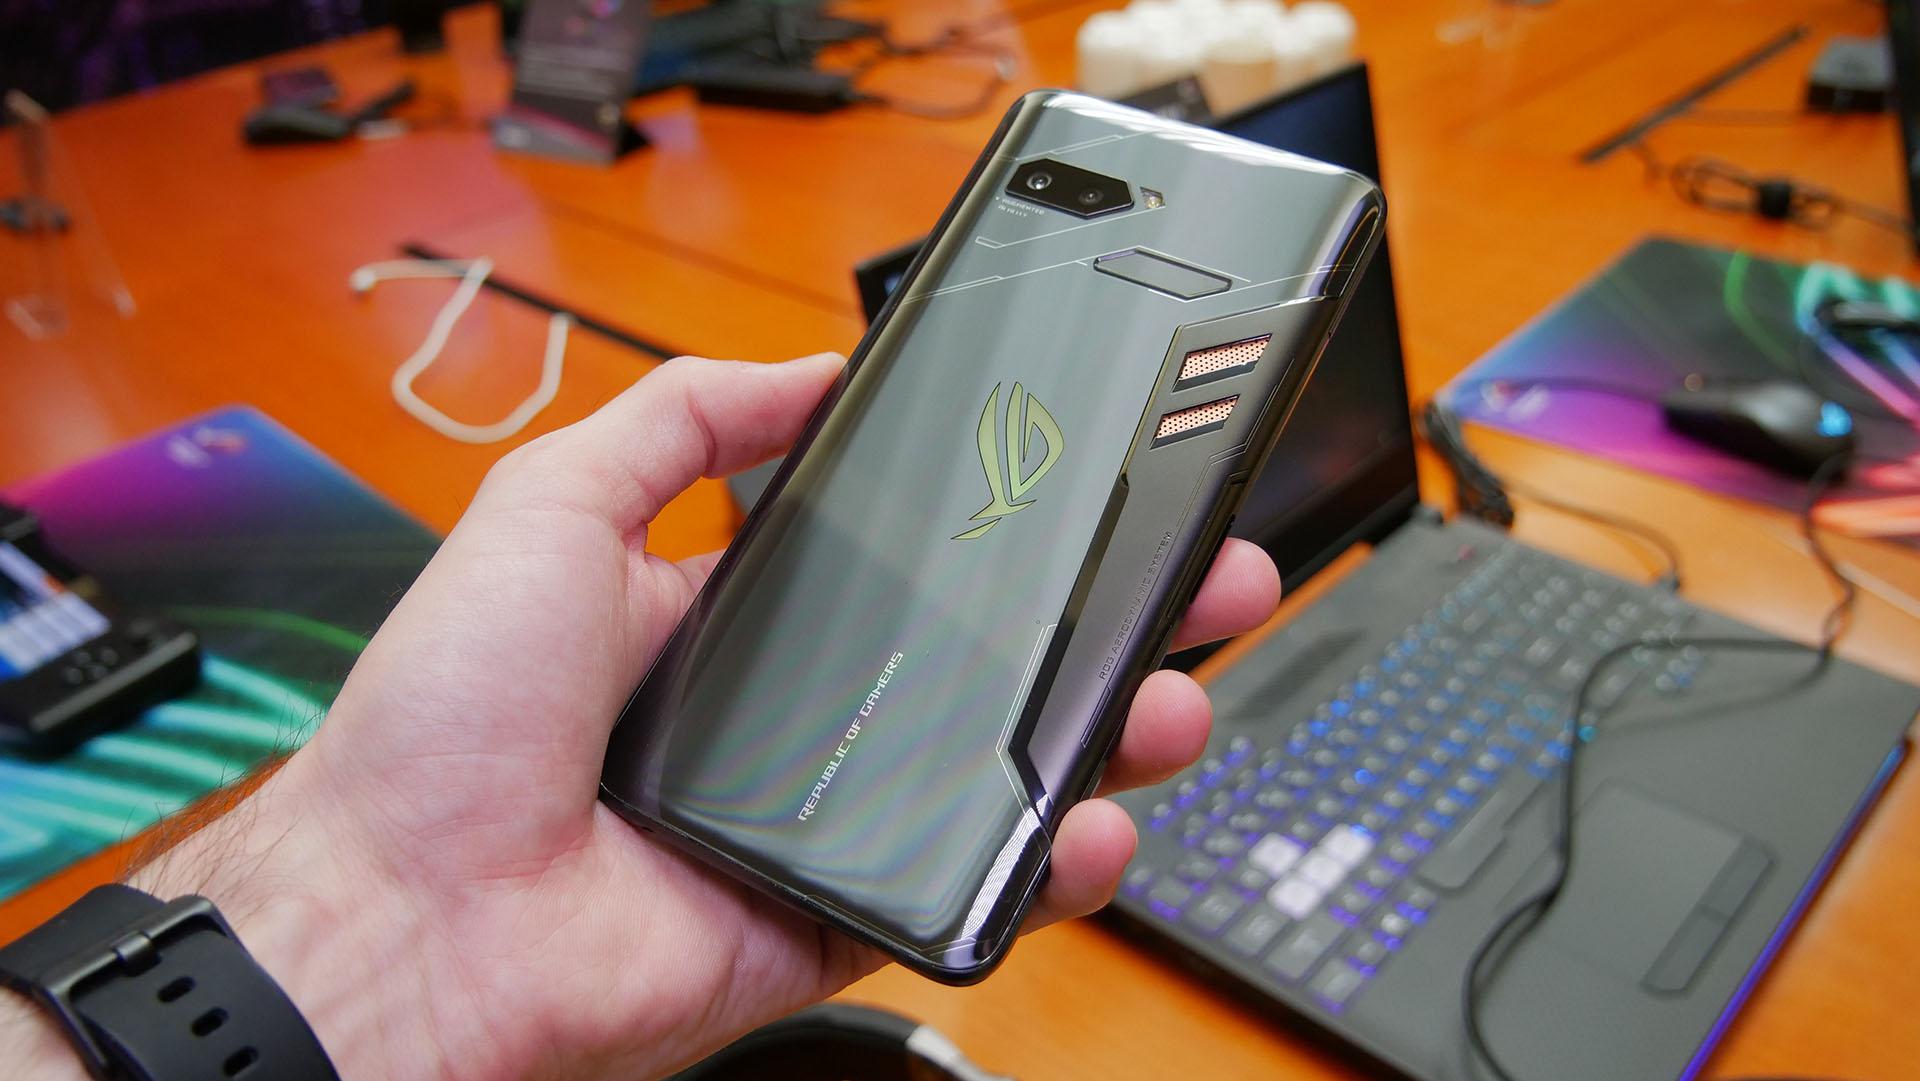 Az ASUS ROG Phone külsőre engem abszolút meglepett és nem mellesleg  pozitívan. Az előlapon egy 6 2b095c6bfd